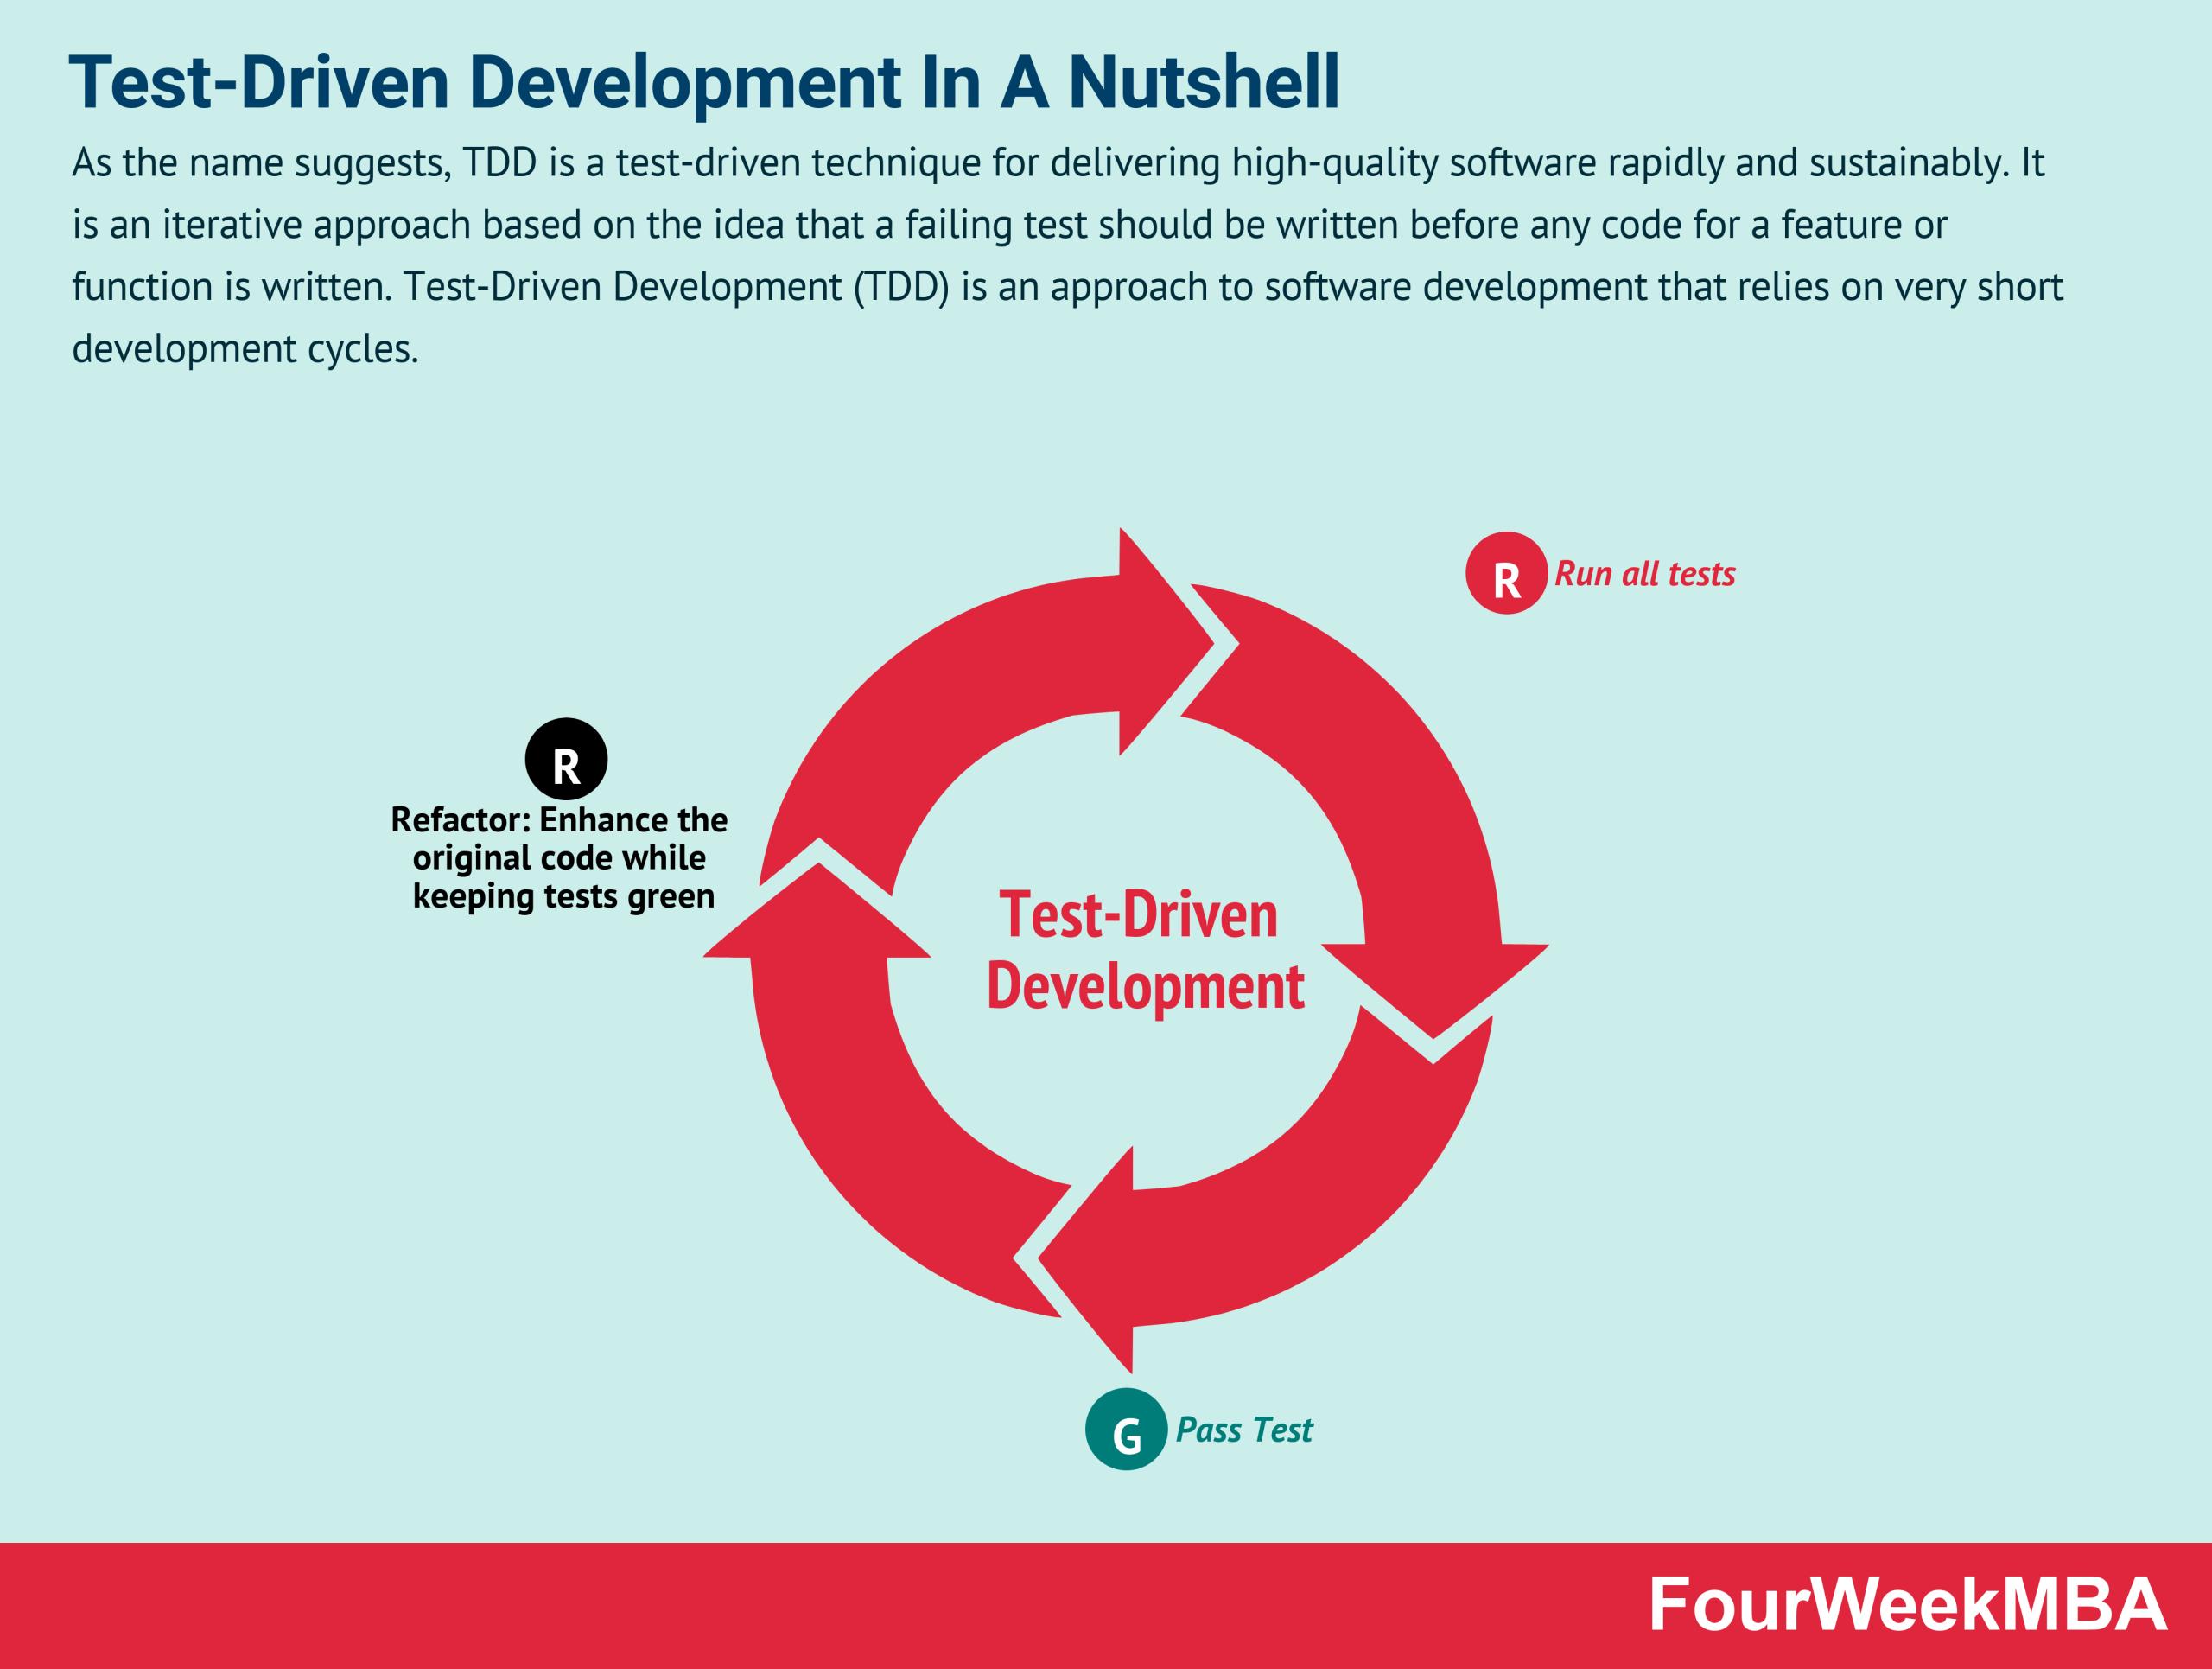 Test-Driven Development In A Nutshell